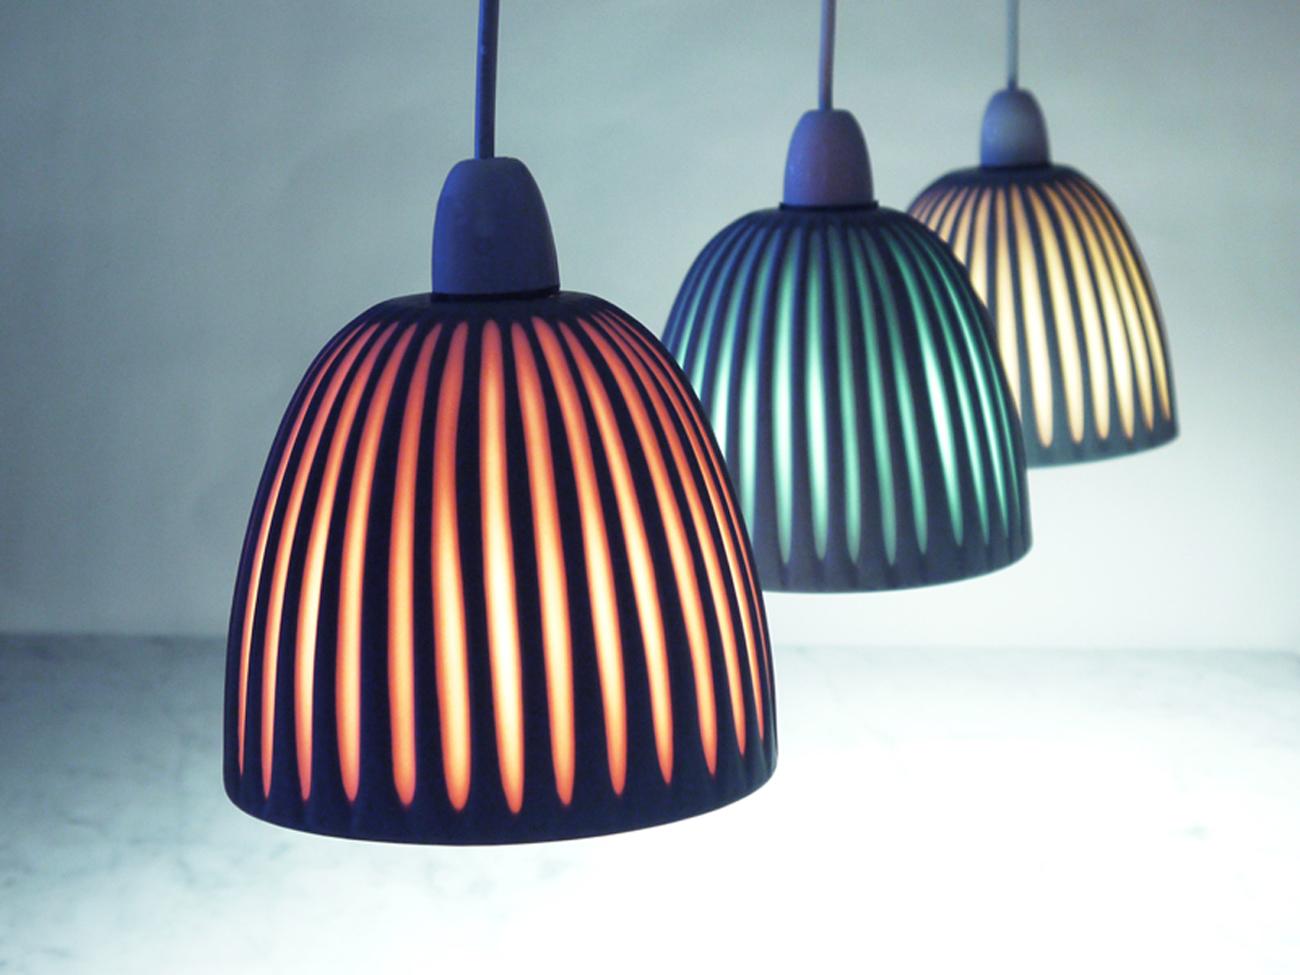 Birdcage Lamp.jpg